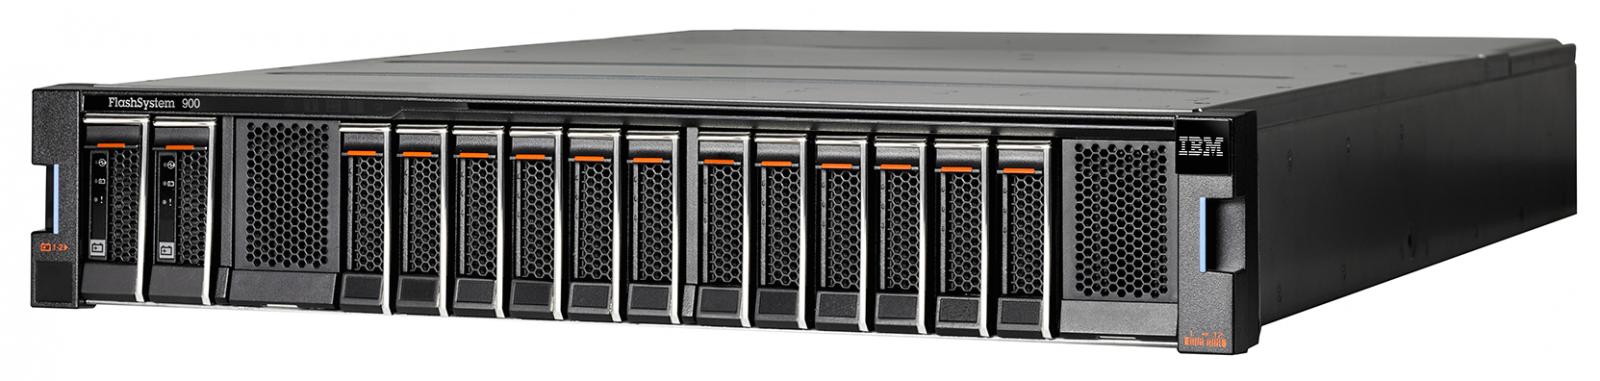 Внутри IBM FlashSystem 900 - 1